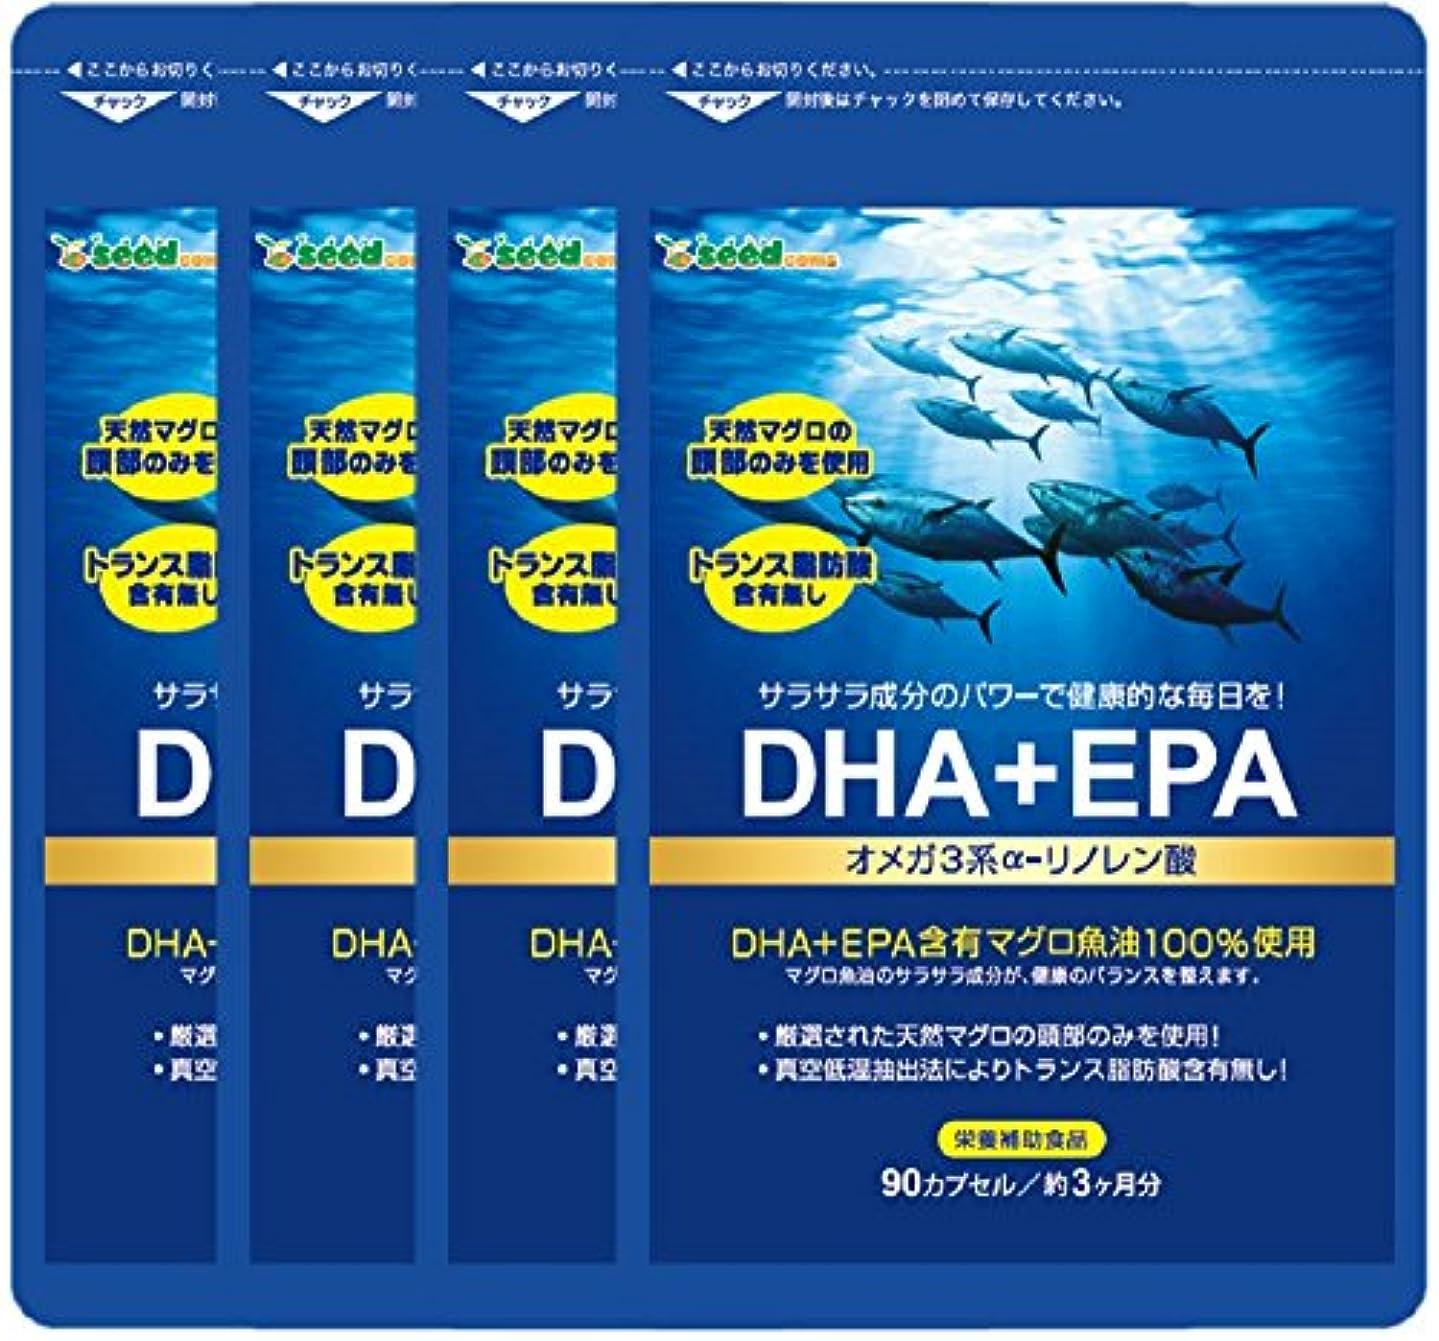 モデレータ変更可能乳製品DHA+EPA 約12ケ月分 (オメガ系α-リノレン酸) ビンチョウマグロの頭部のみを贅沢に使用!!トランス脂肪酸0㎎